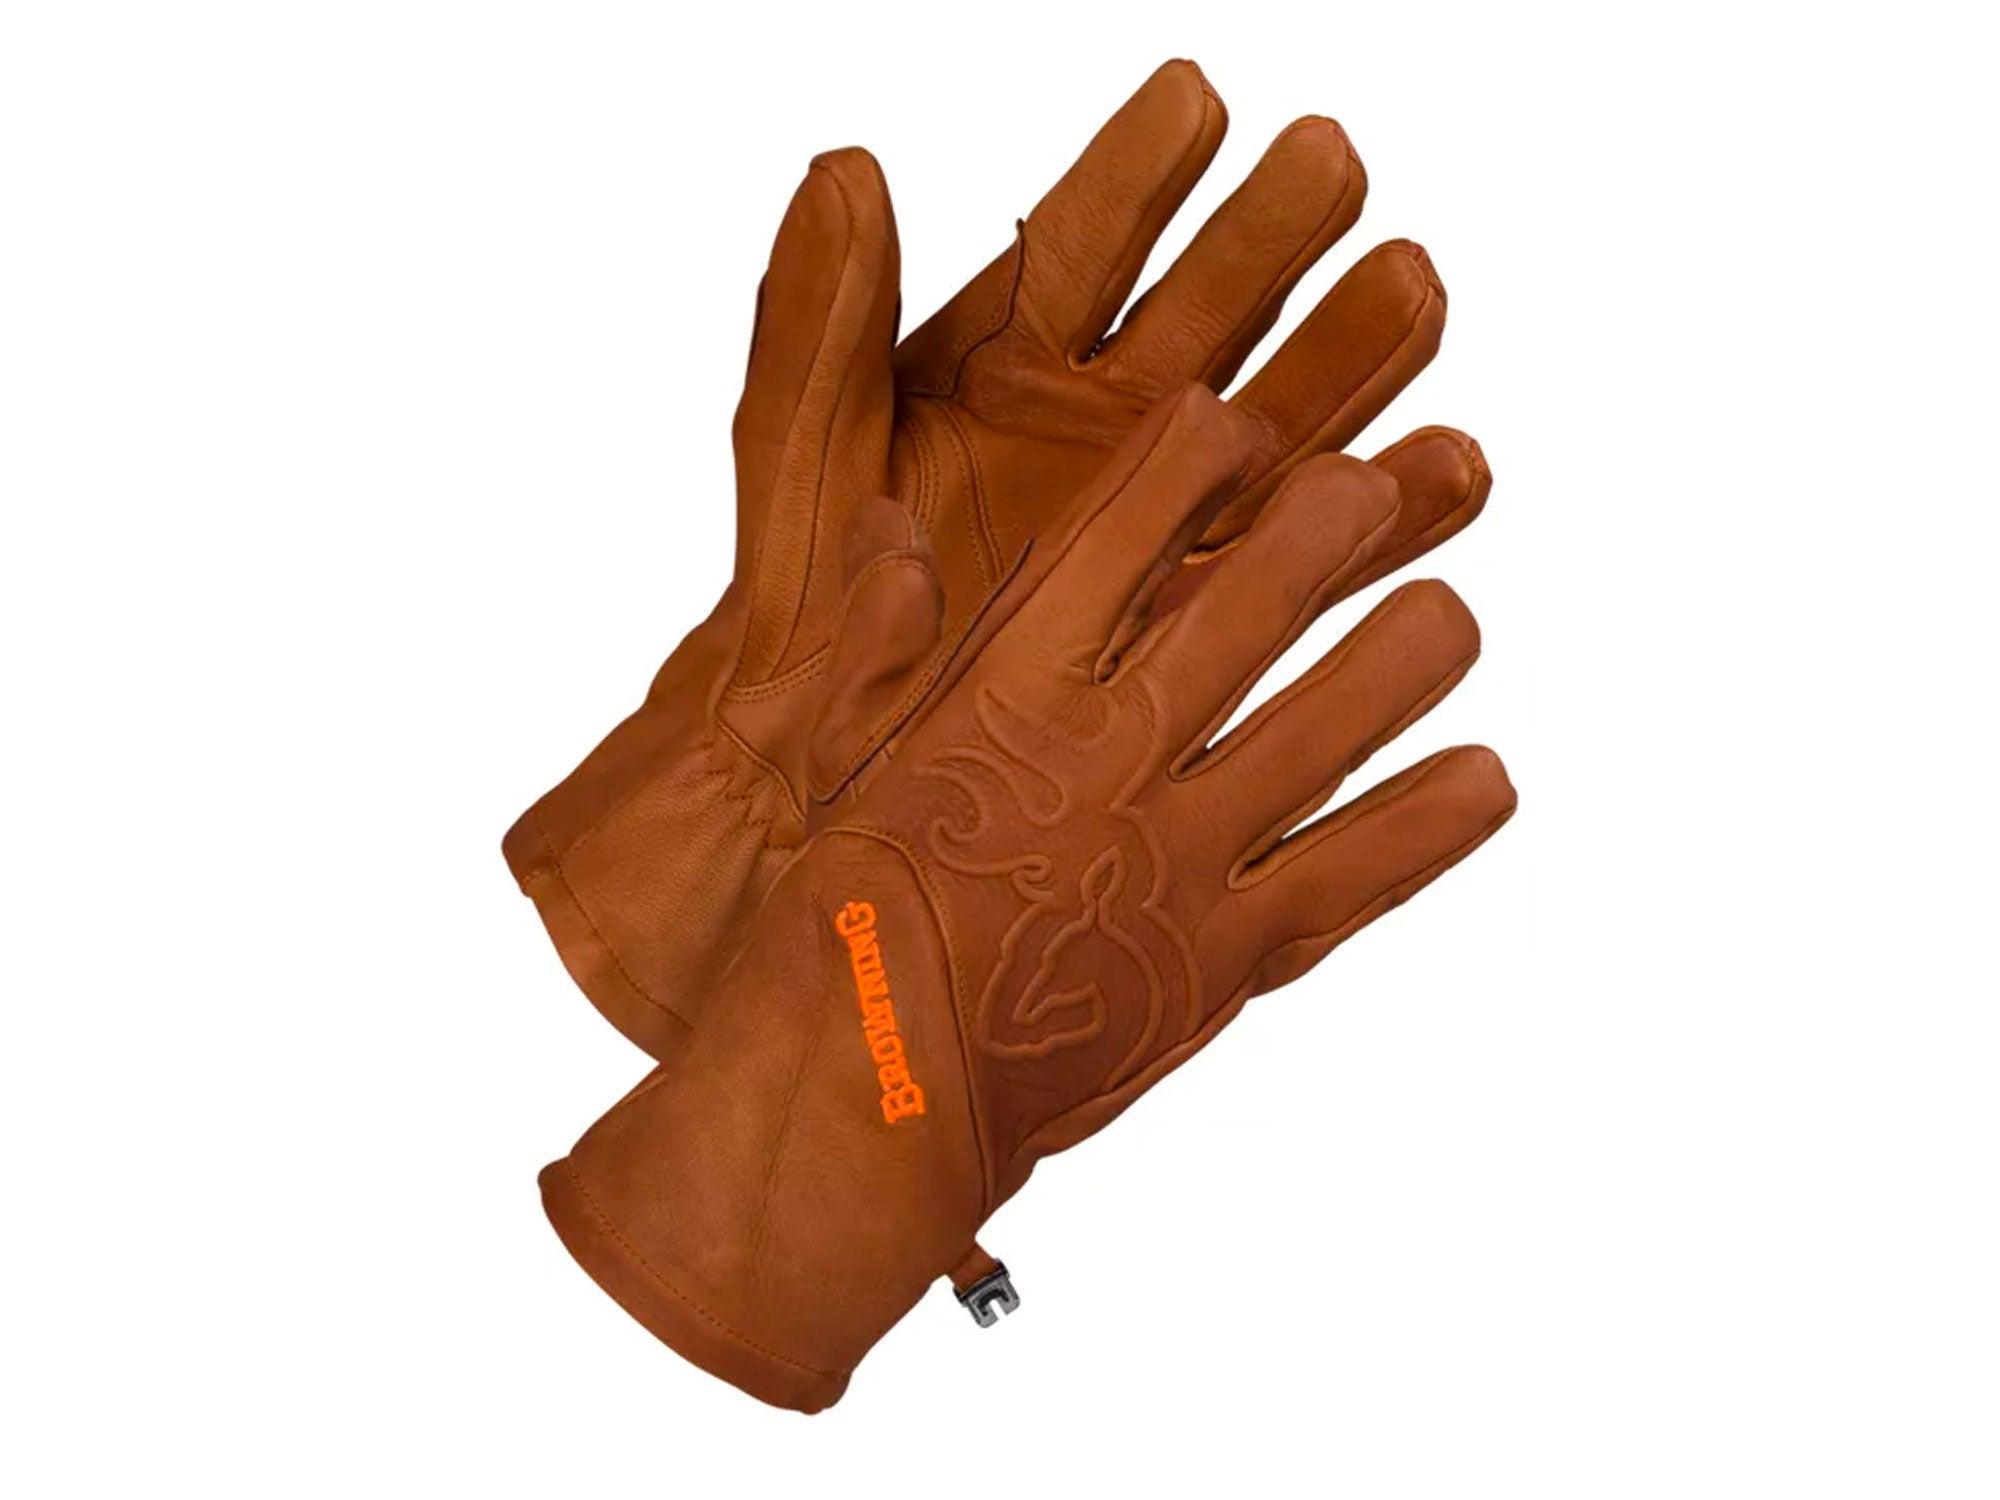 Browning Deer-hide gloves